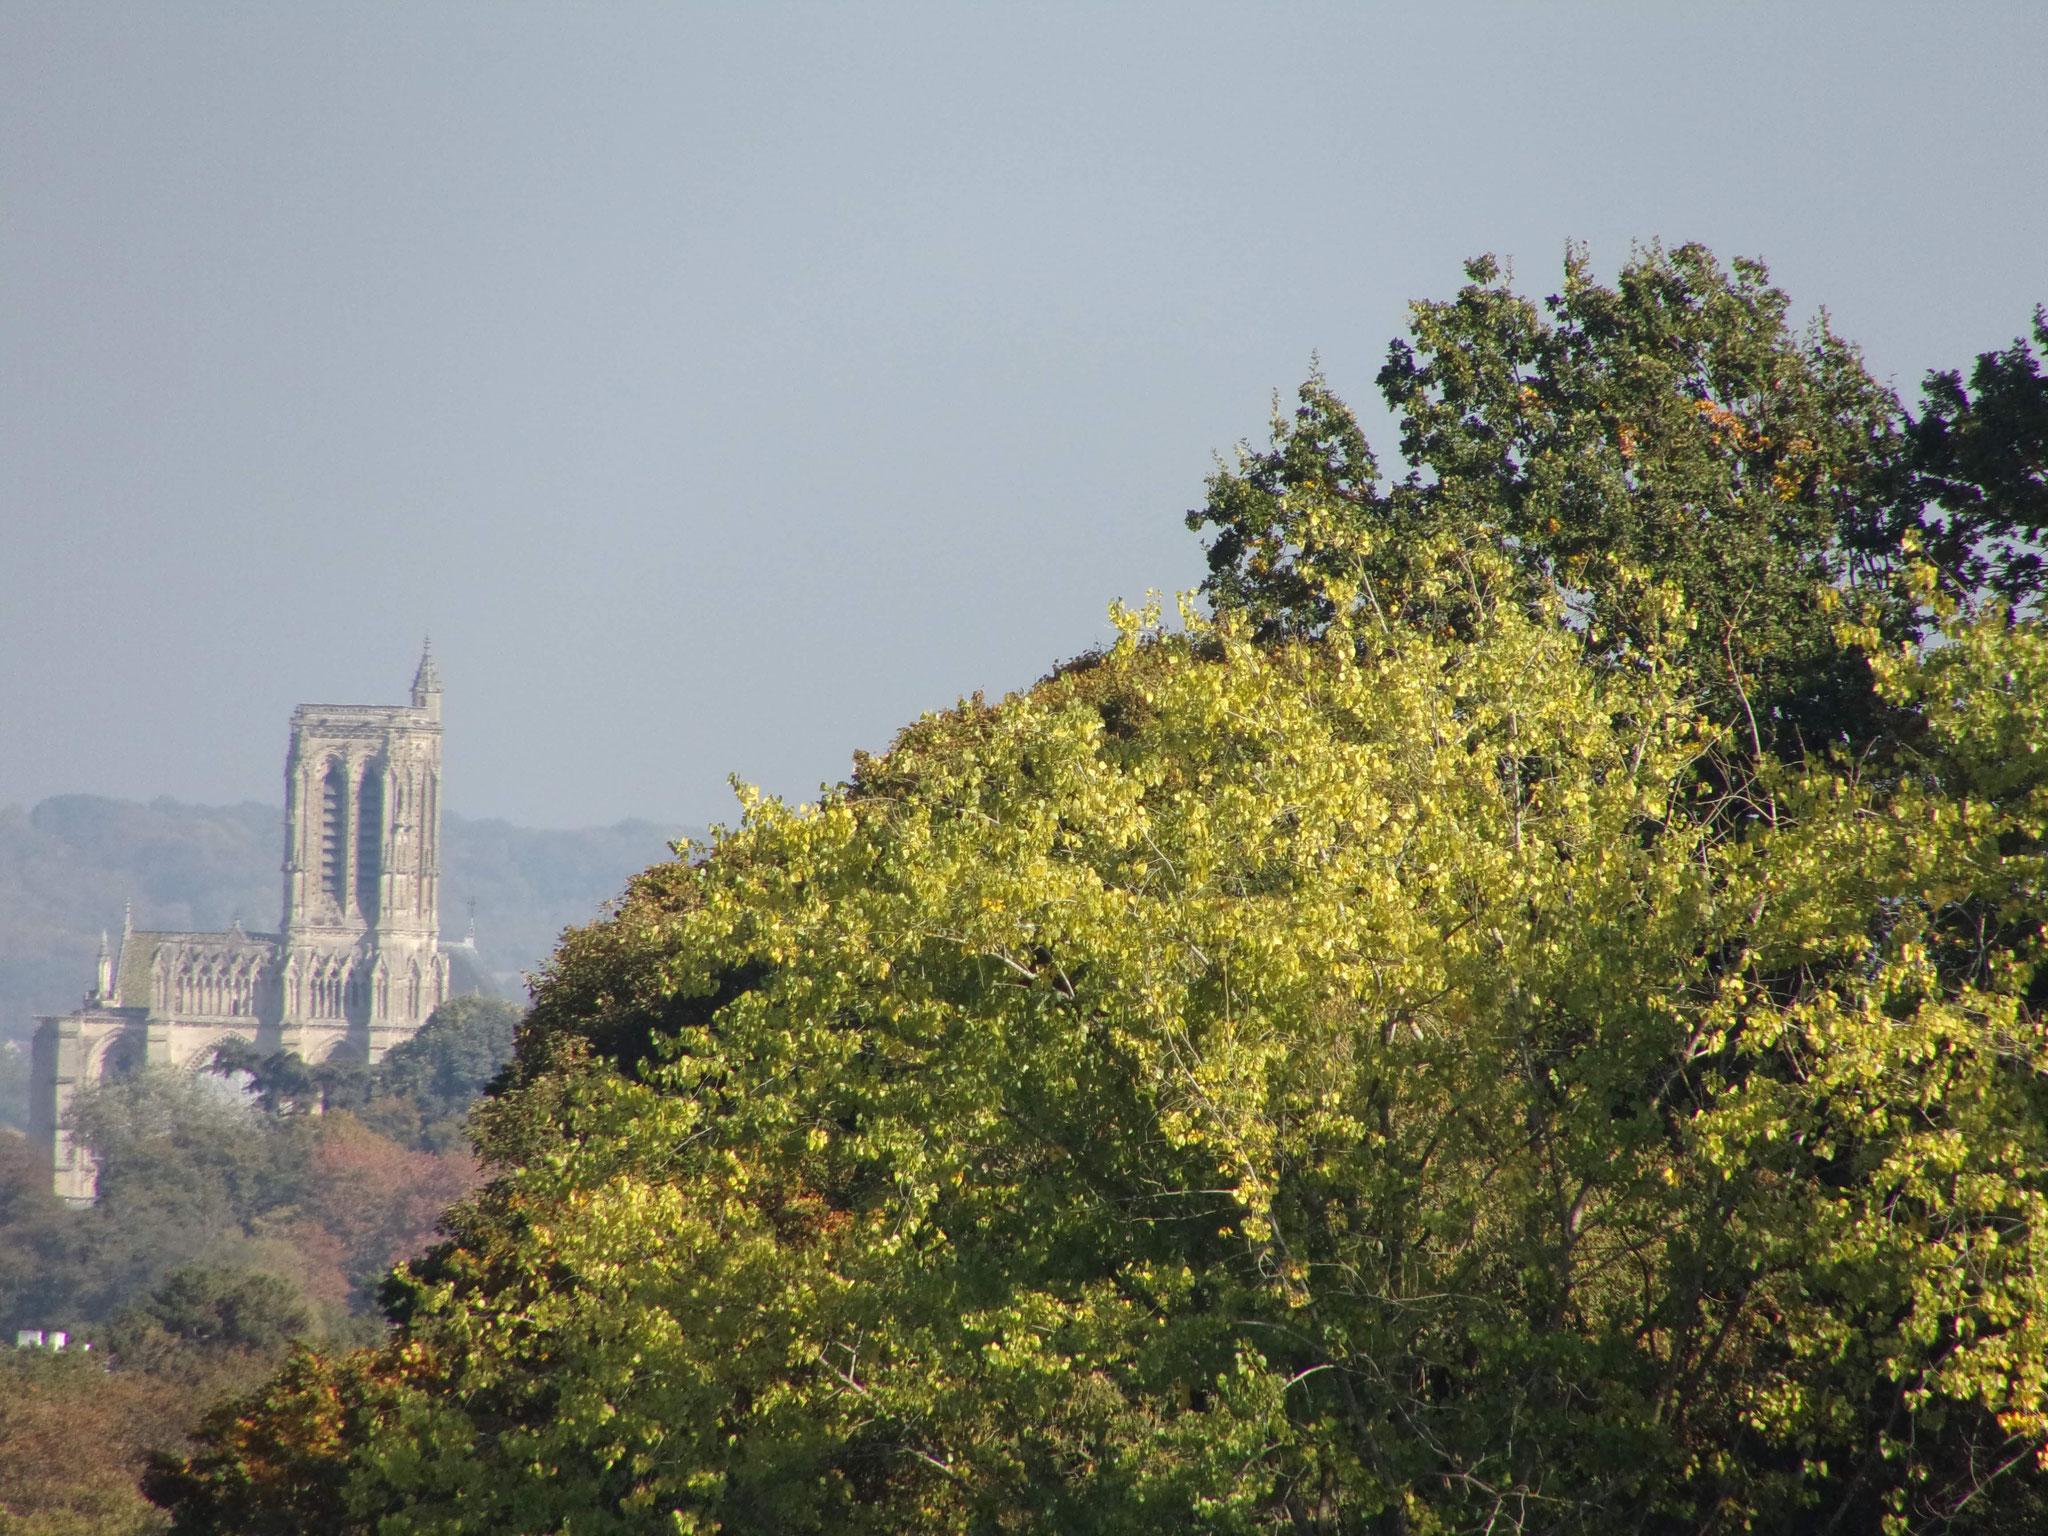 Ve sur la cathédrale de Soissons